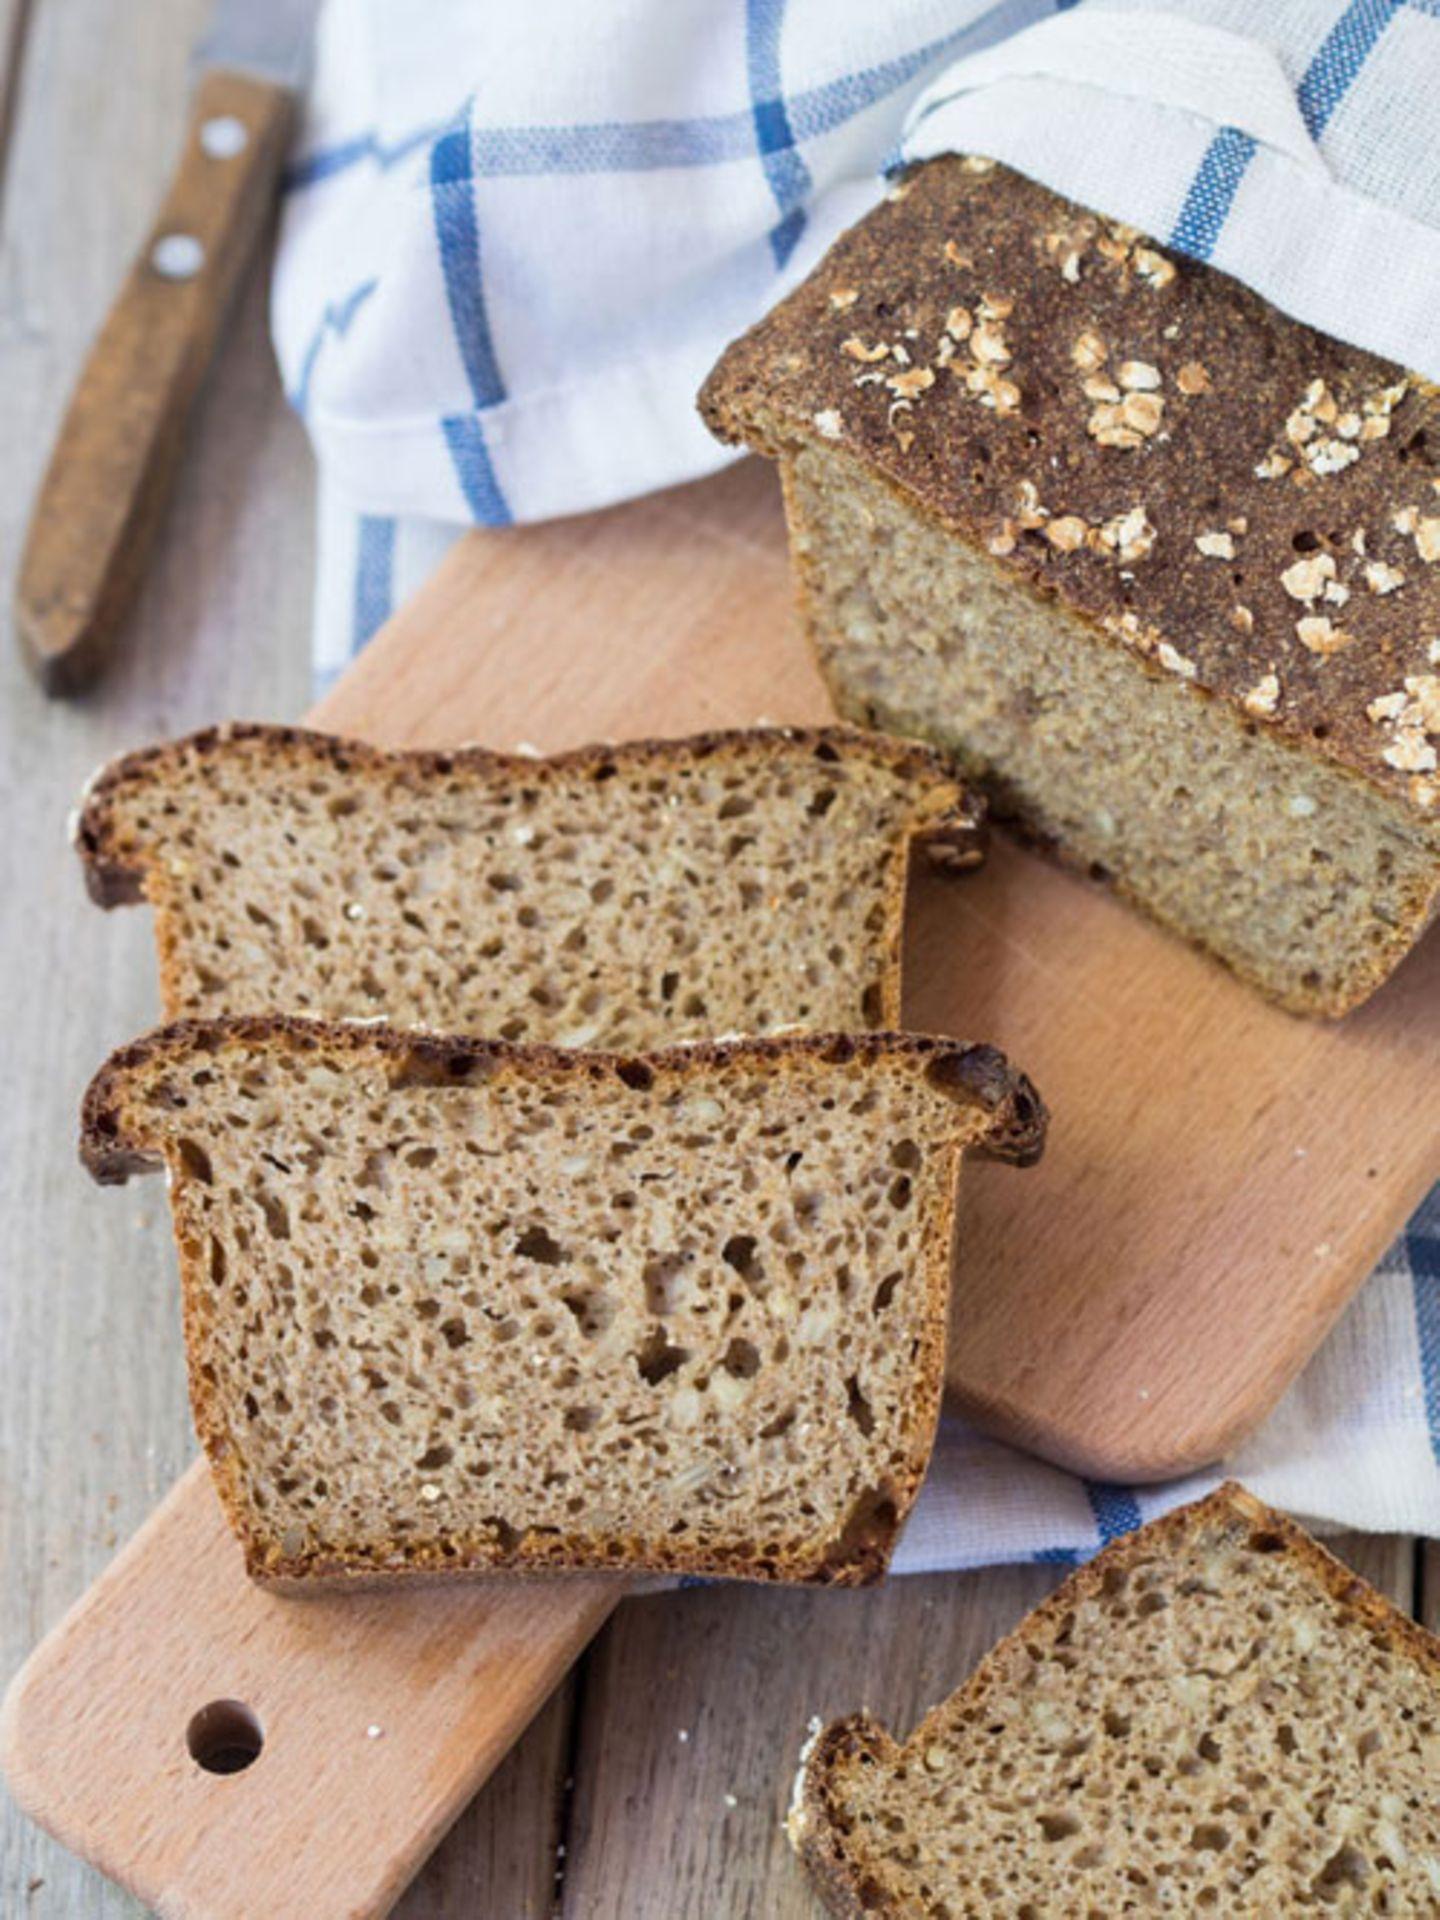 Mediterrane Diät: Zwei Scheiben Brot neben einem Brotlaib